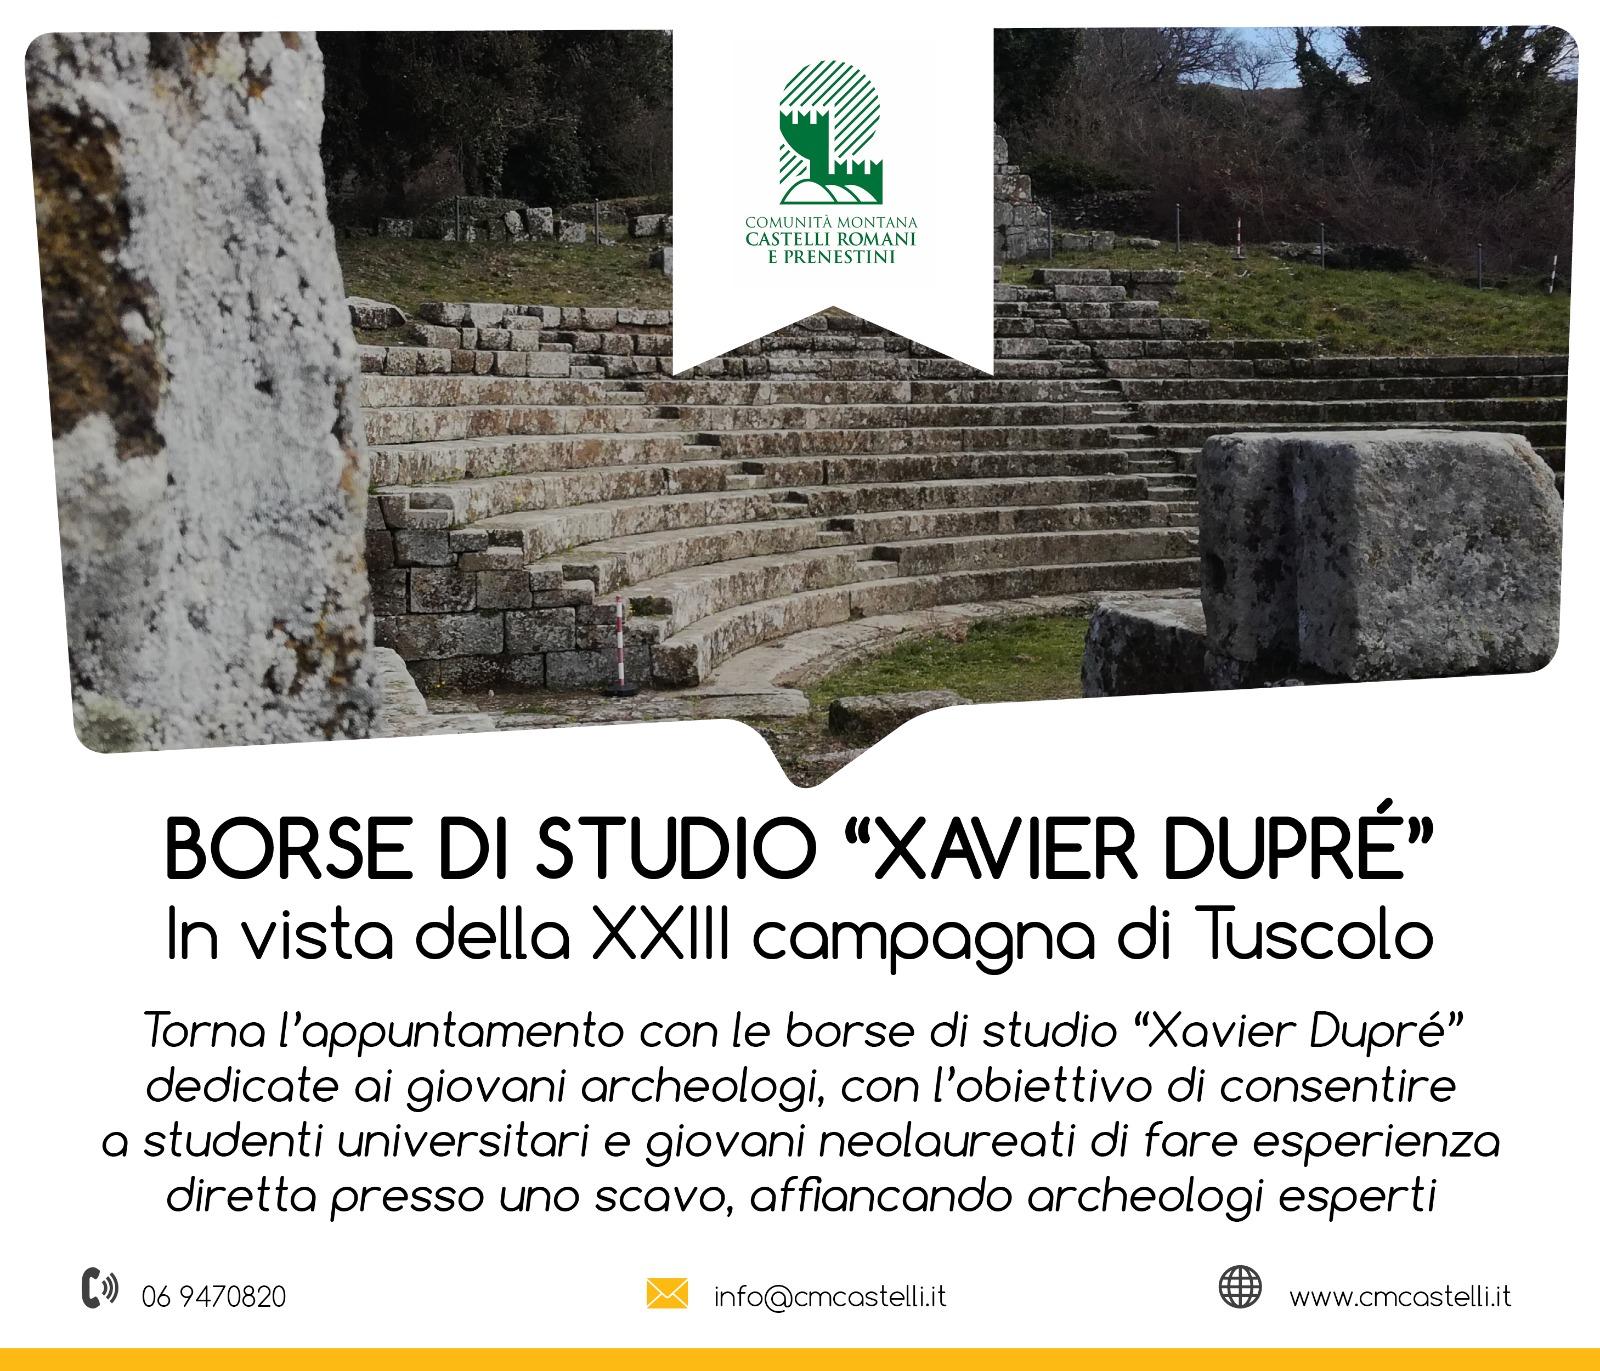 SCAVI 2020 SEI BORSE DI STUDIO PER SEI GIOVANI ARCHEOLOGI